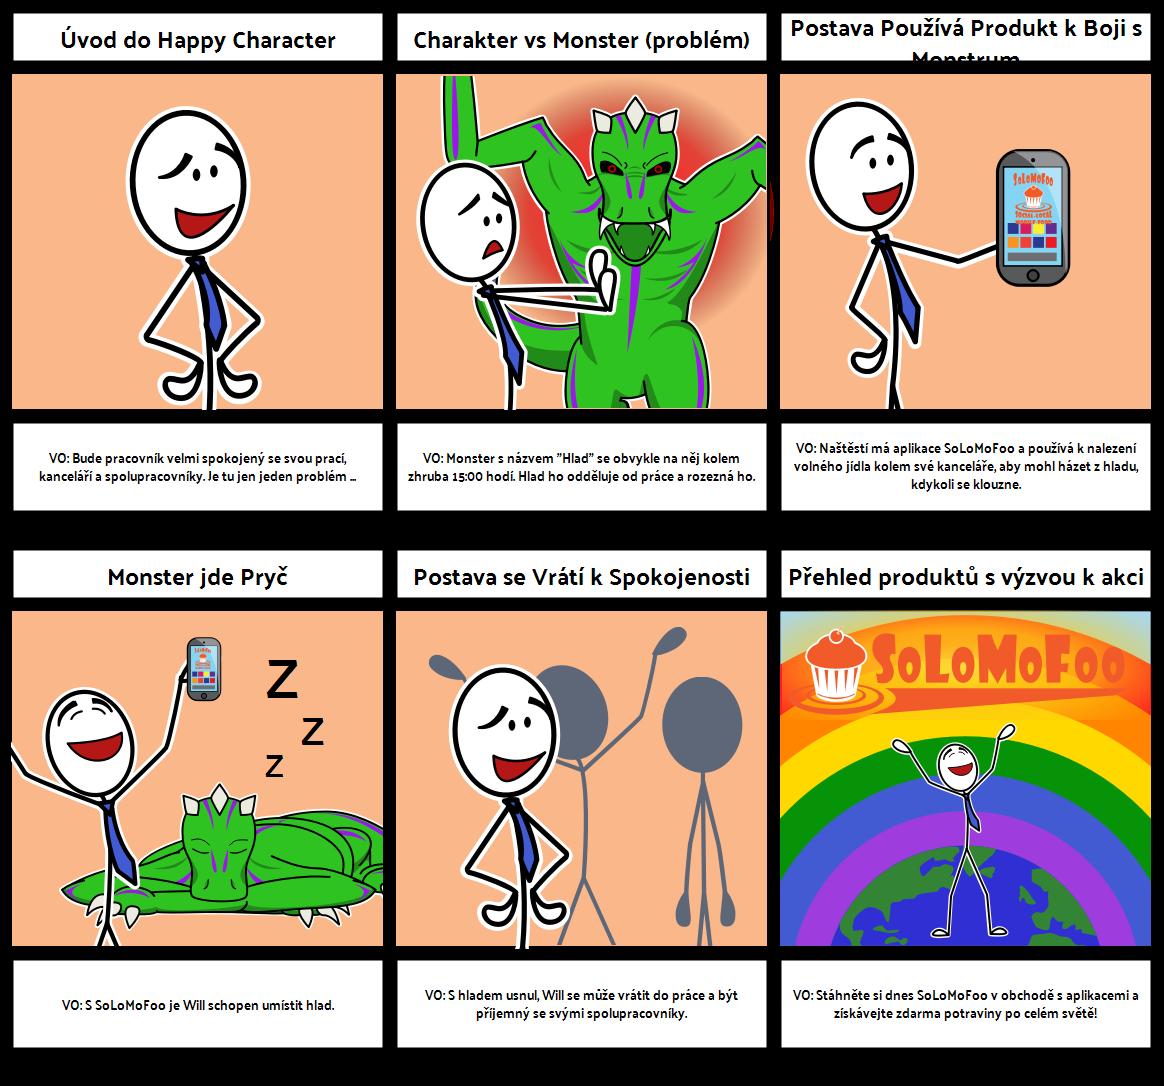 Animované - Příklad